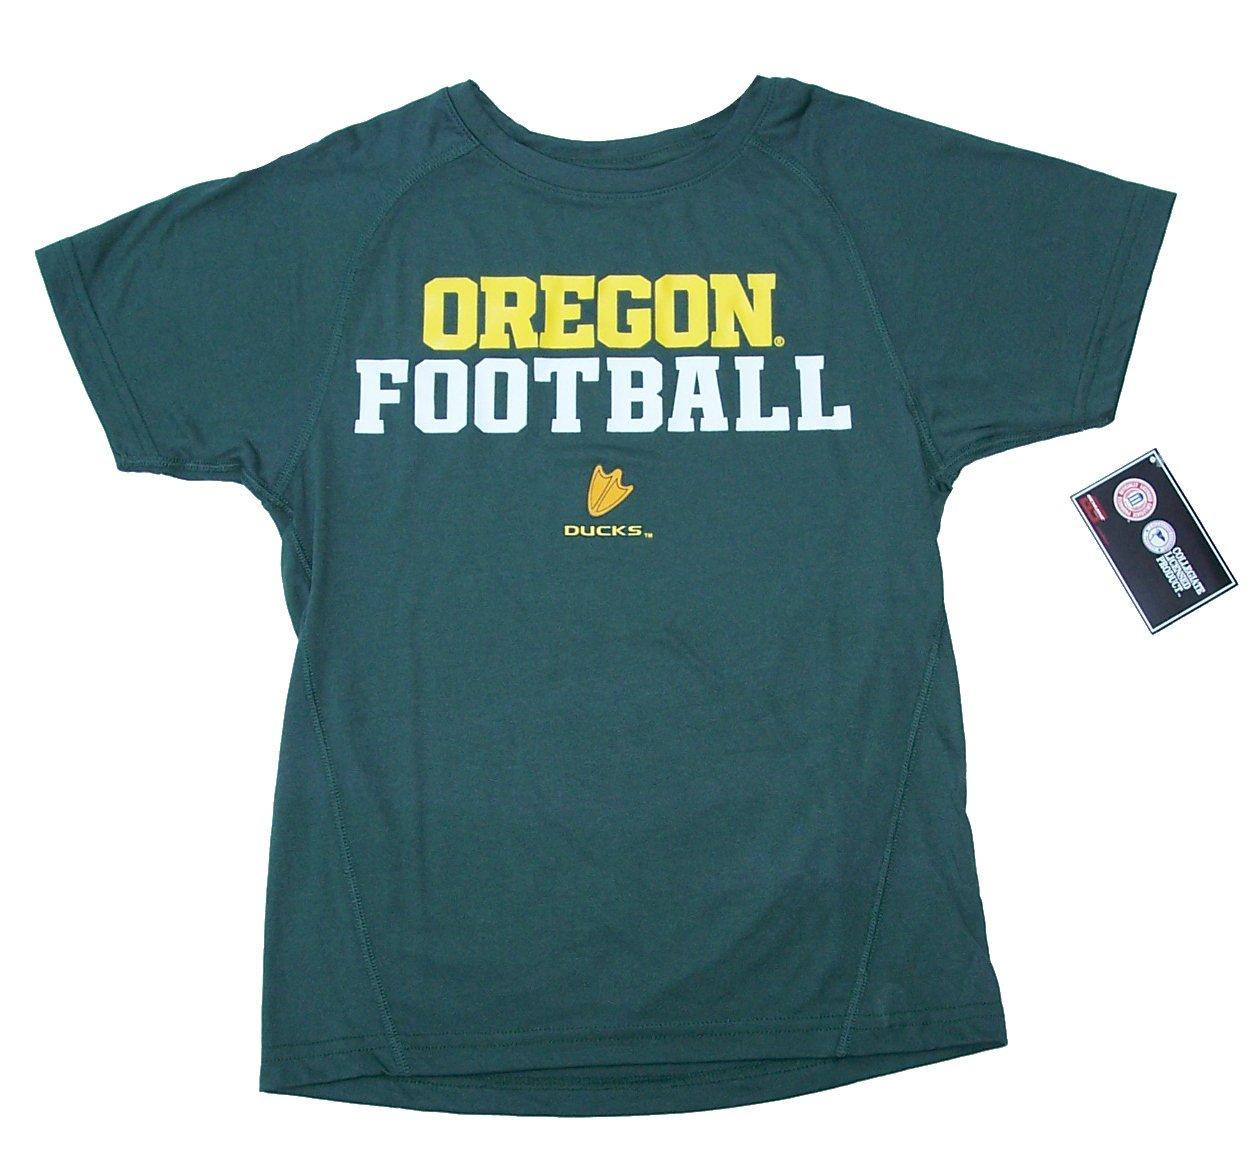 人気の春夏 Oregon Ducks Football Youth Small ( ( 8 )半袖NCAA本物のパフォーマンスシャツ Football Youth – グリーン&ゴールド B0155KEPO6, ナオカワソン:f8d95abe --- a0267596.xsph.ru